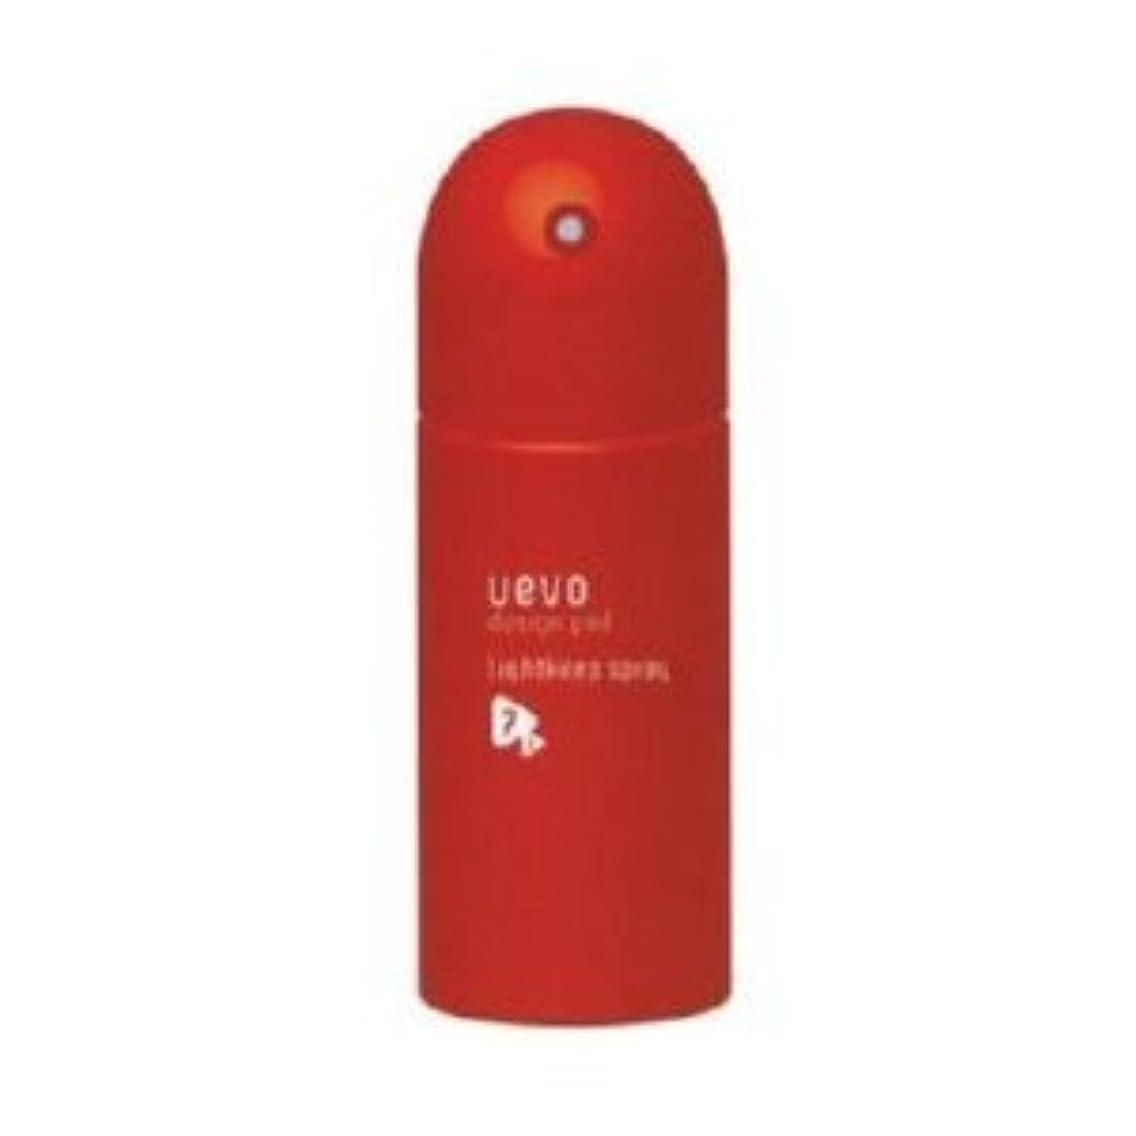 交換可能融合失礼【X2個セット】 デミ ウェーボ デザインポッド ライトキープスプレー 220ml lightkeep spray DEMI uevo design pod